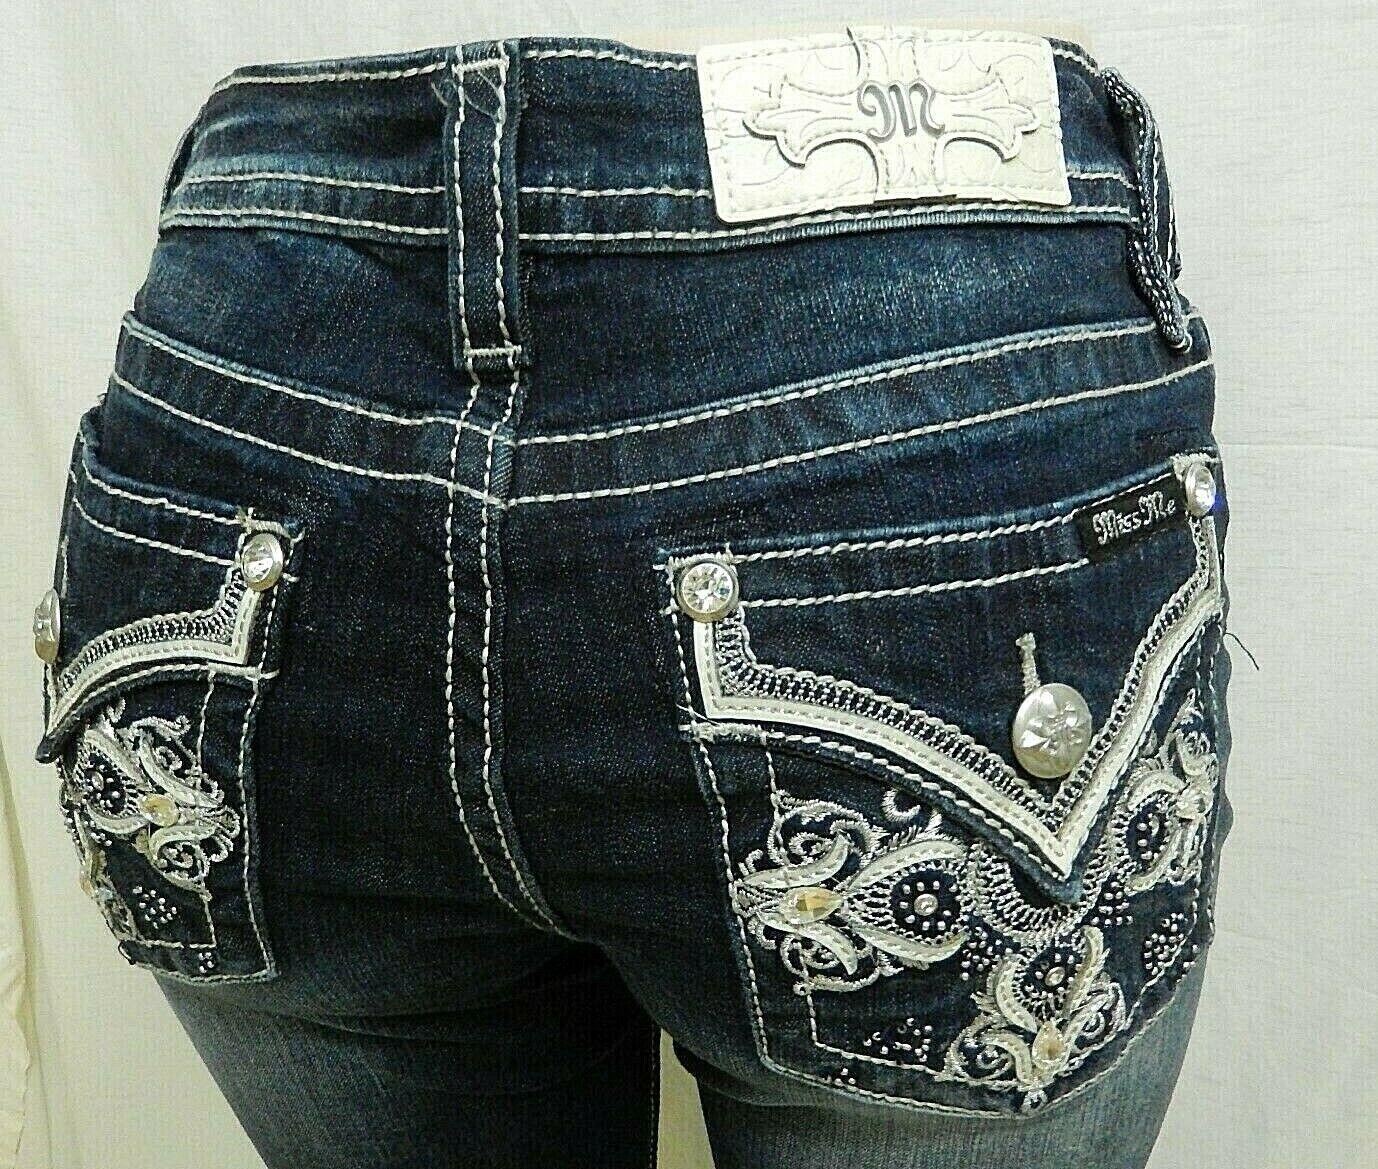 NWT Miss Me M3280T Women's Mid-Rise Straight Leg Jeans Dark bluee Sz W30 x L33